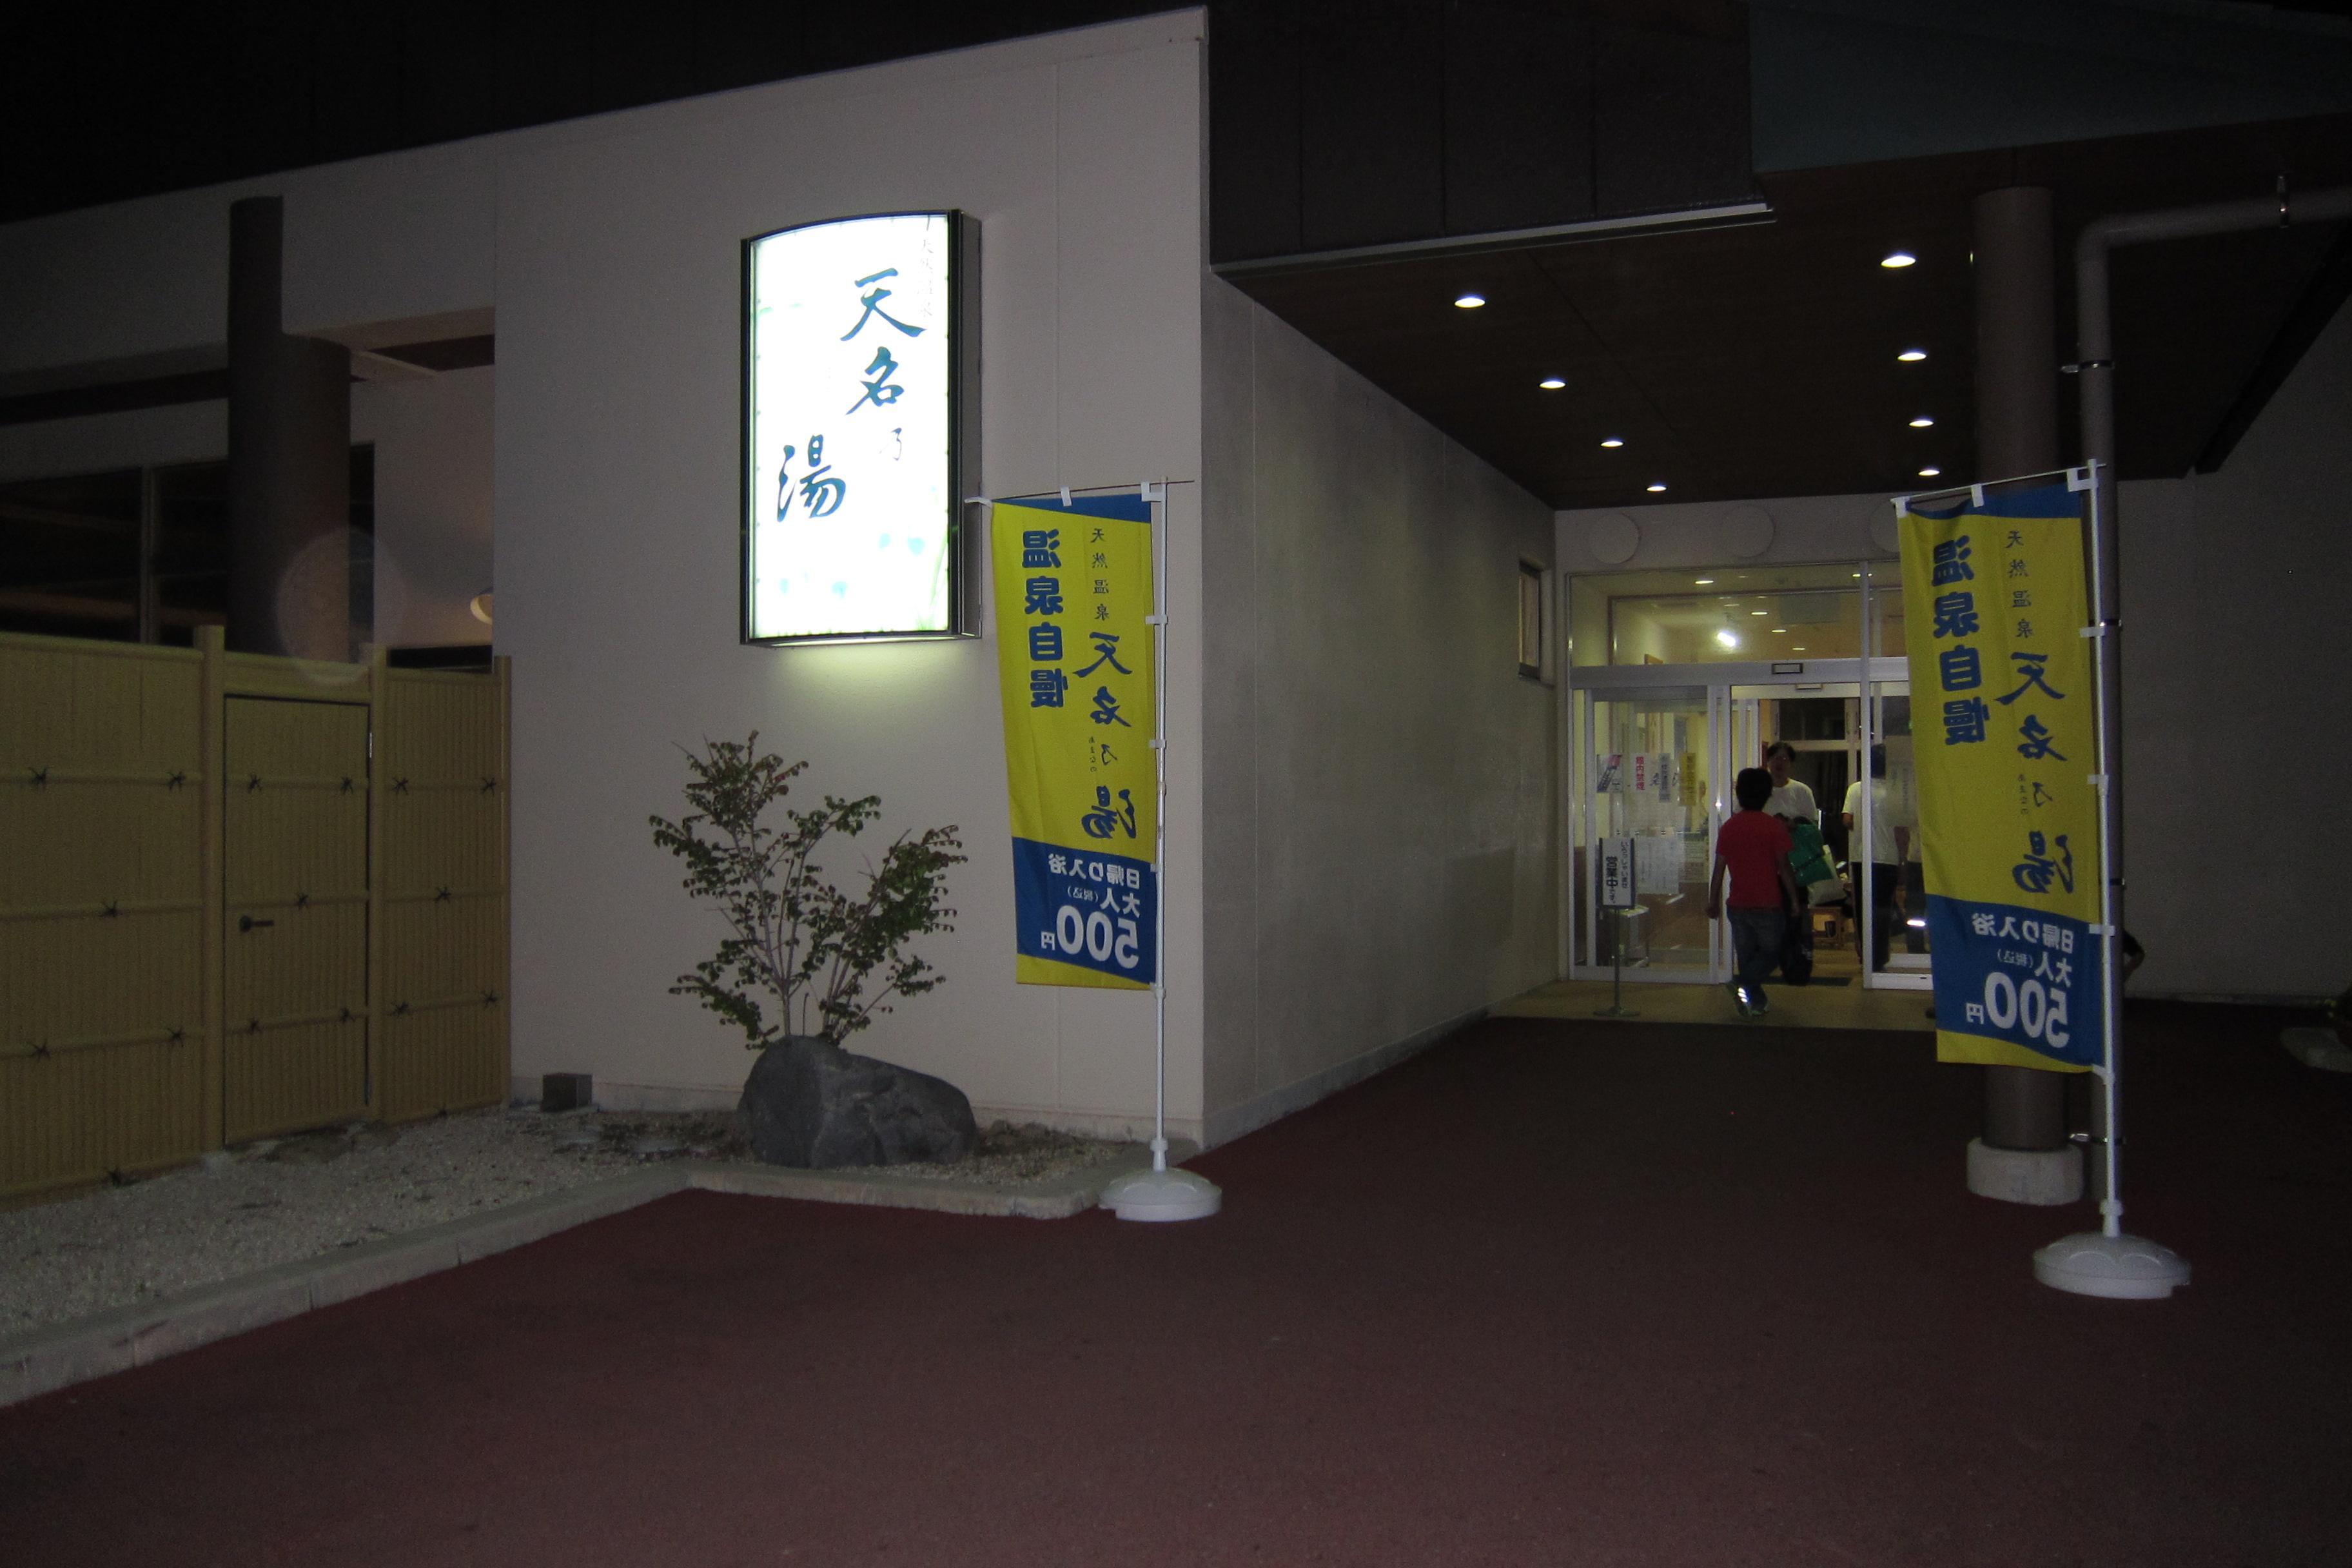 鈴鹿スポーツガーデン内の天名乃湯。入浴料金は500円